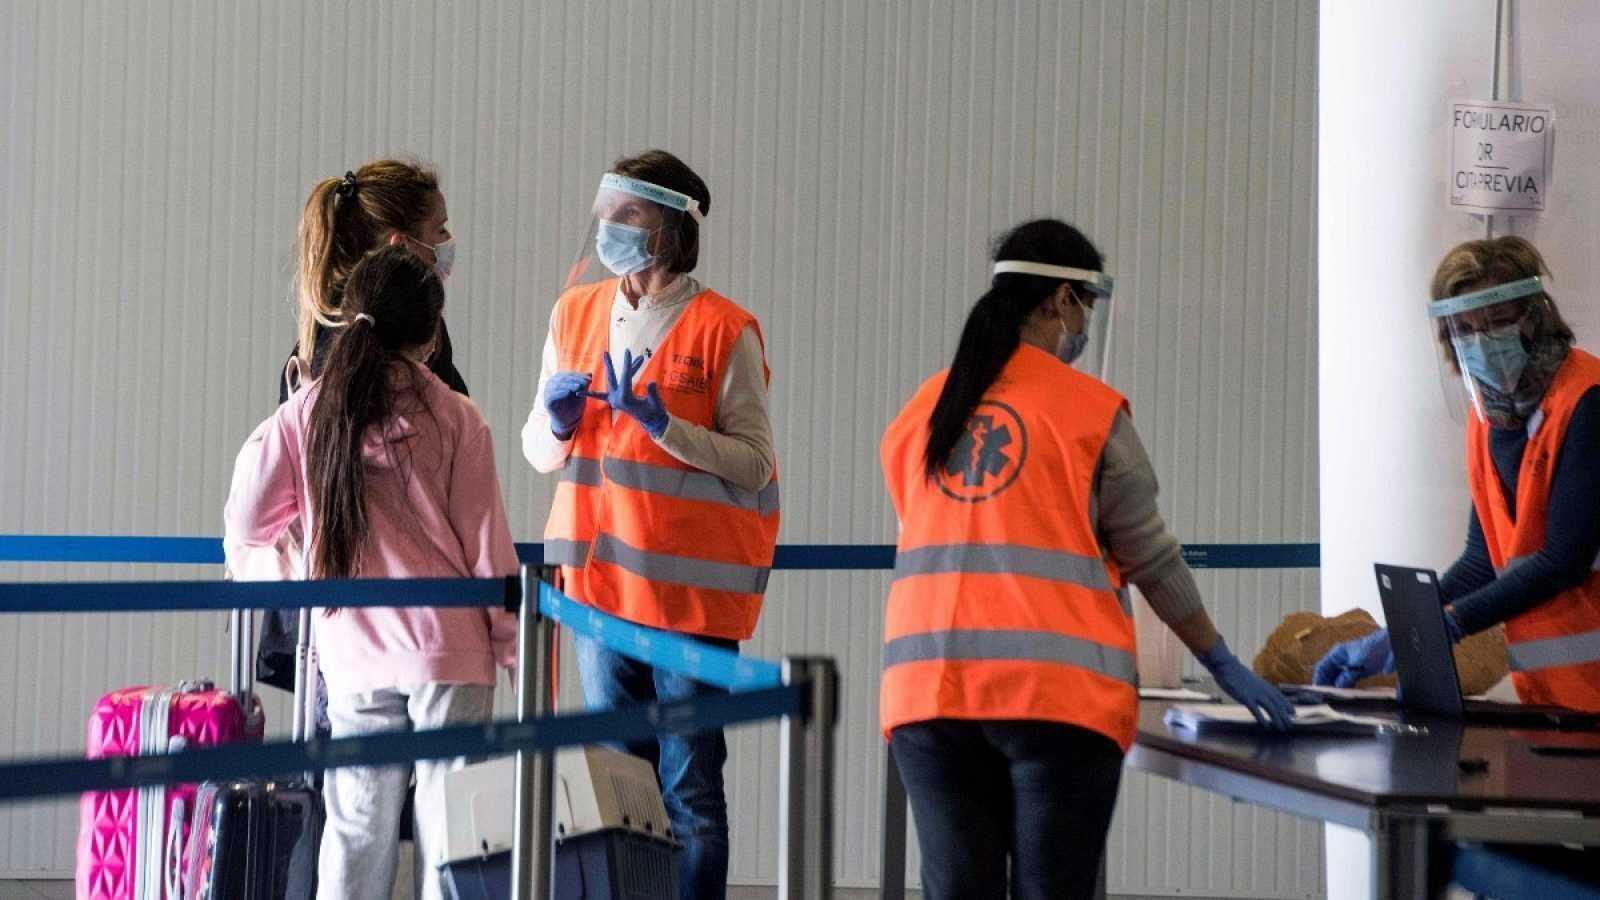 Imagen de un control de movilidad debido a la pandemia de coronavirus